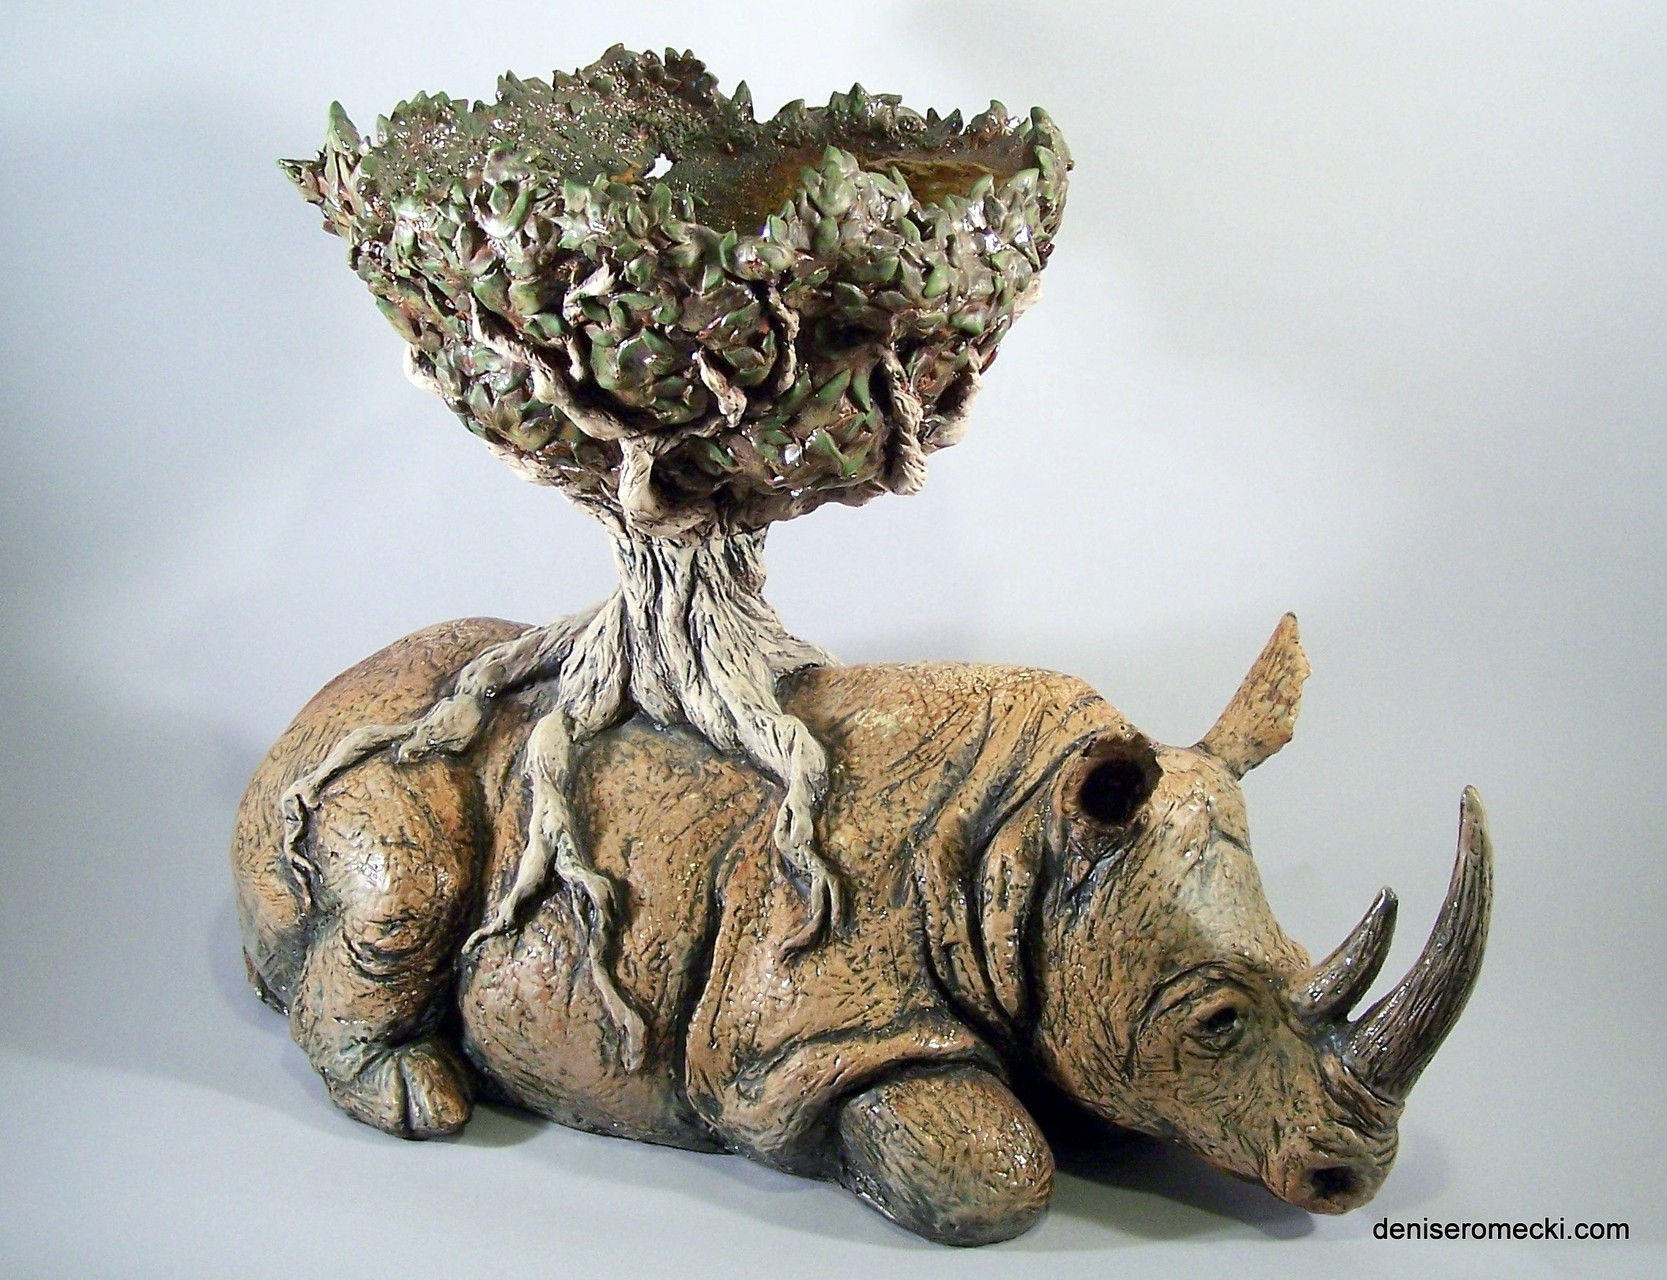 Last Sanctuary Denise Romecki Ceramic Sculpture